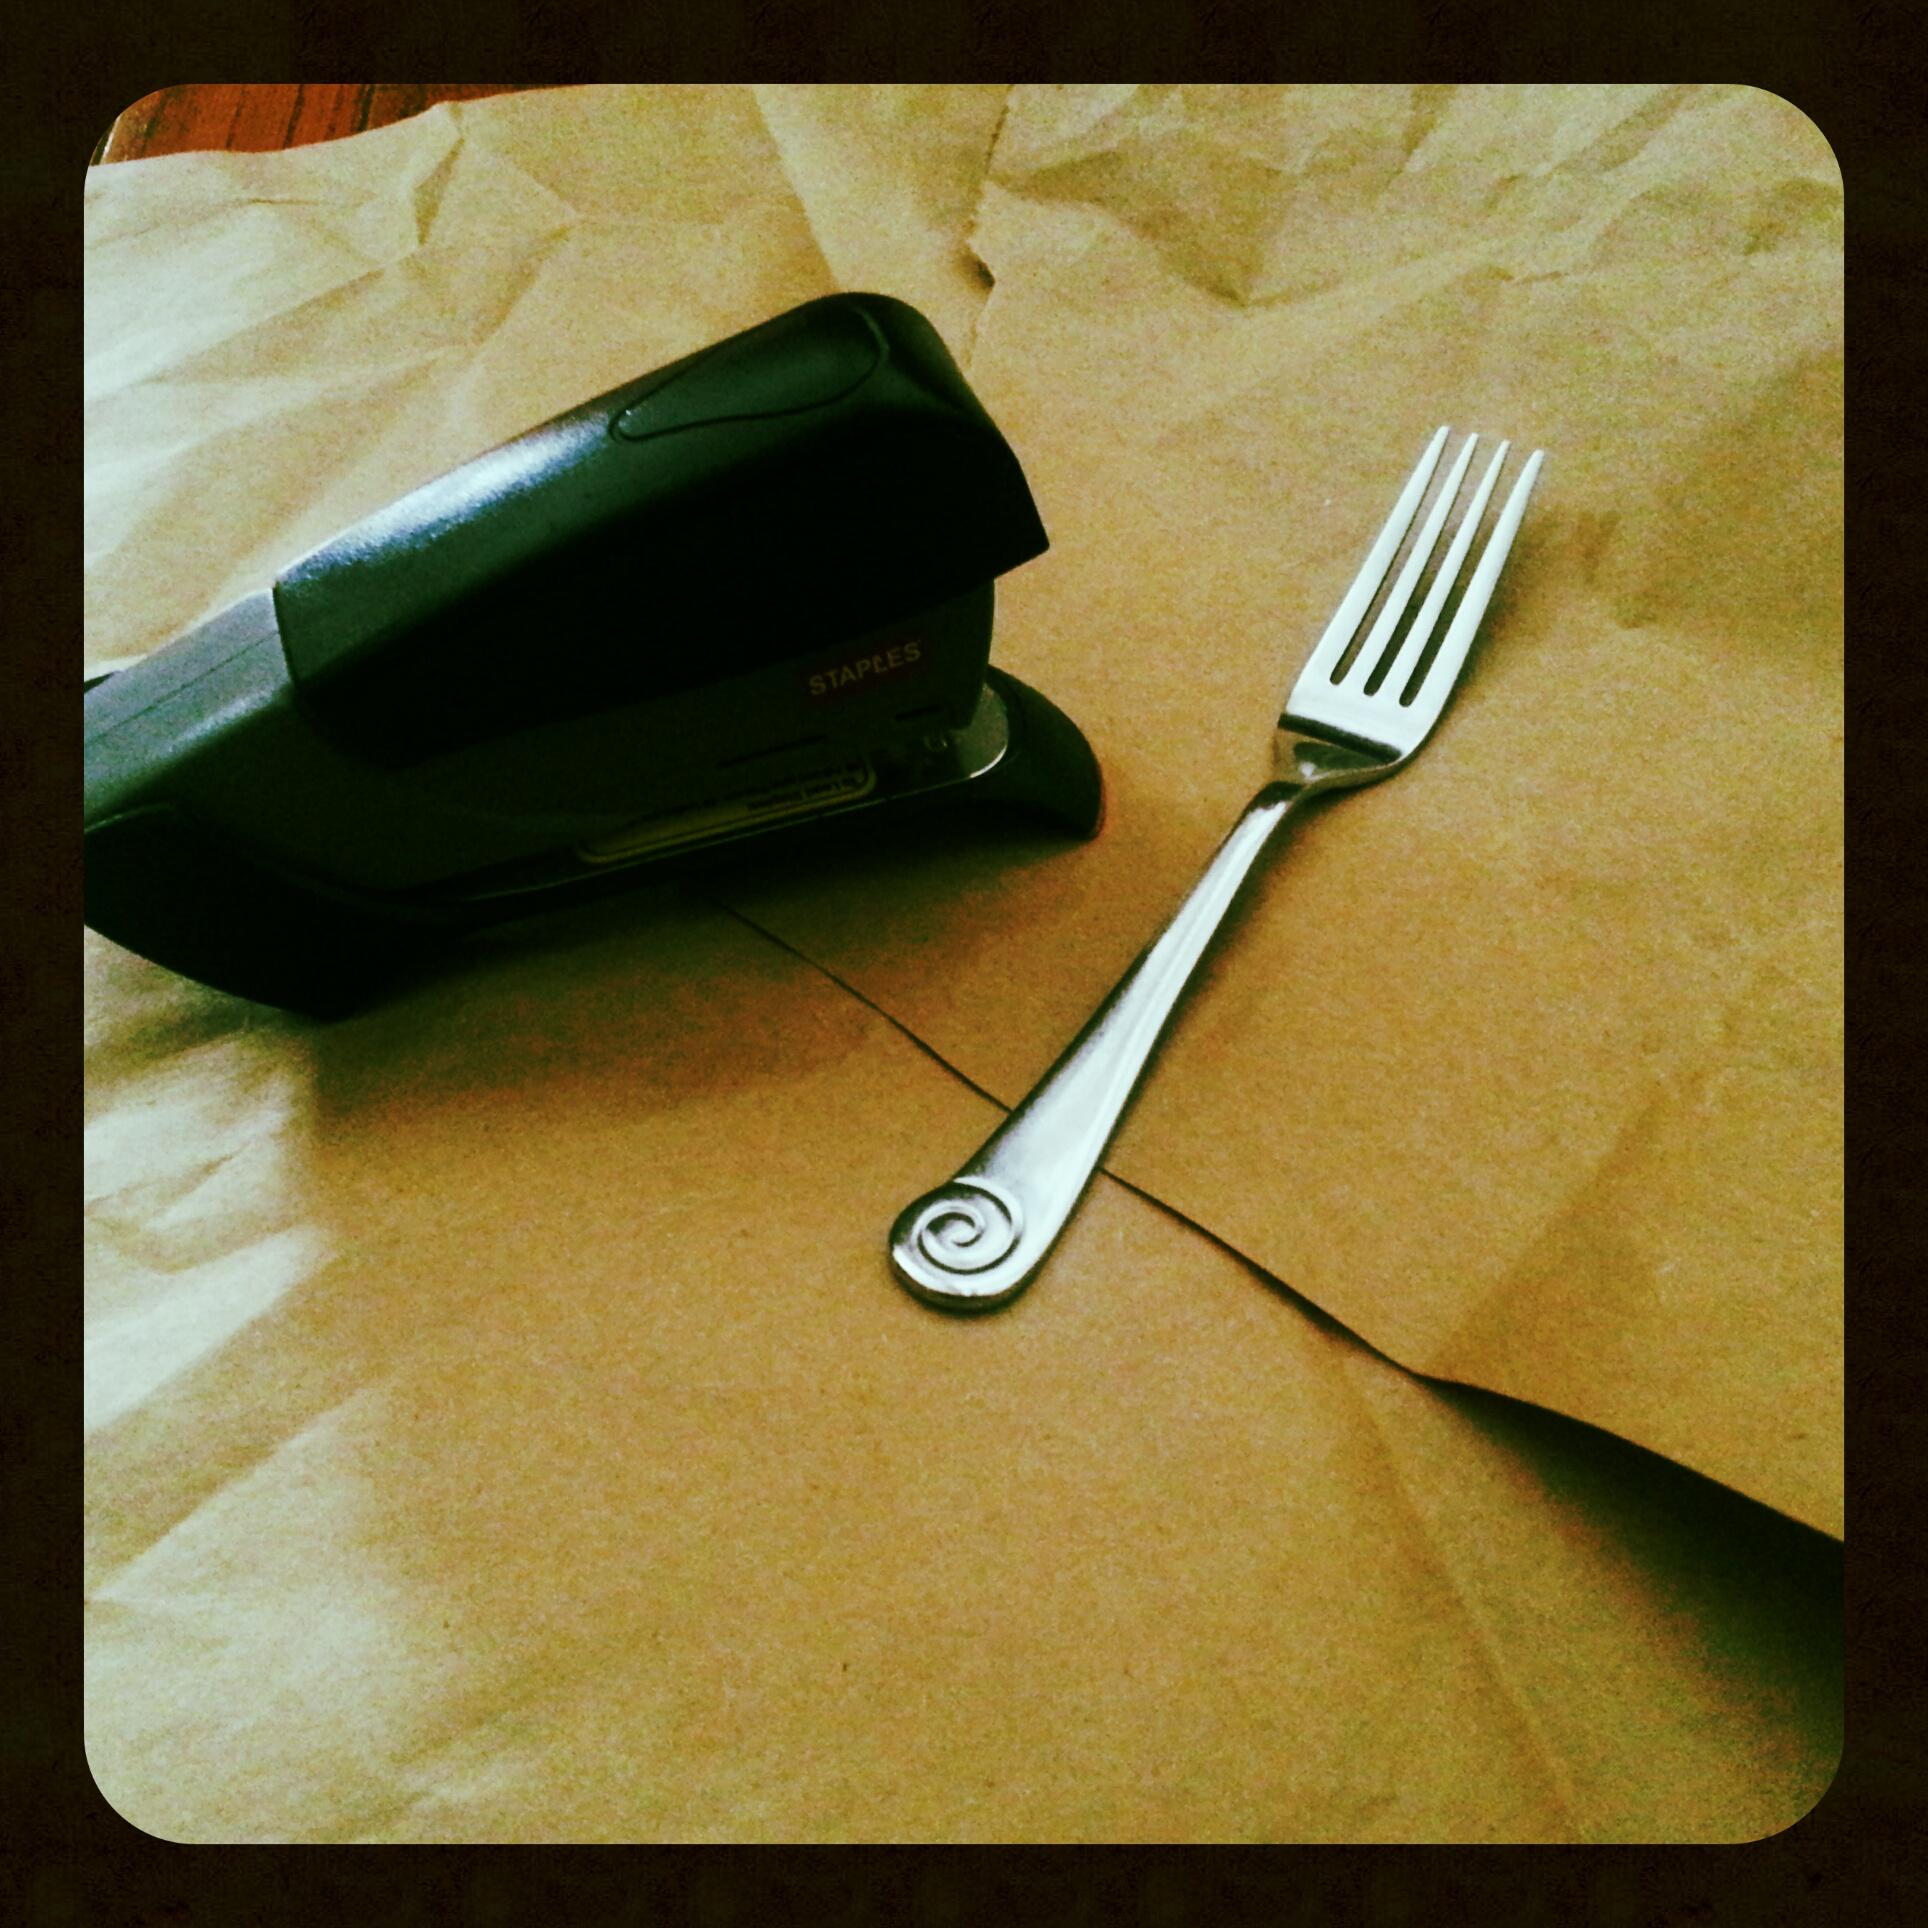 Paper, Stapler, Fork